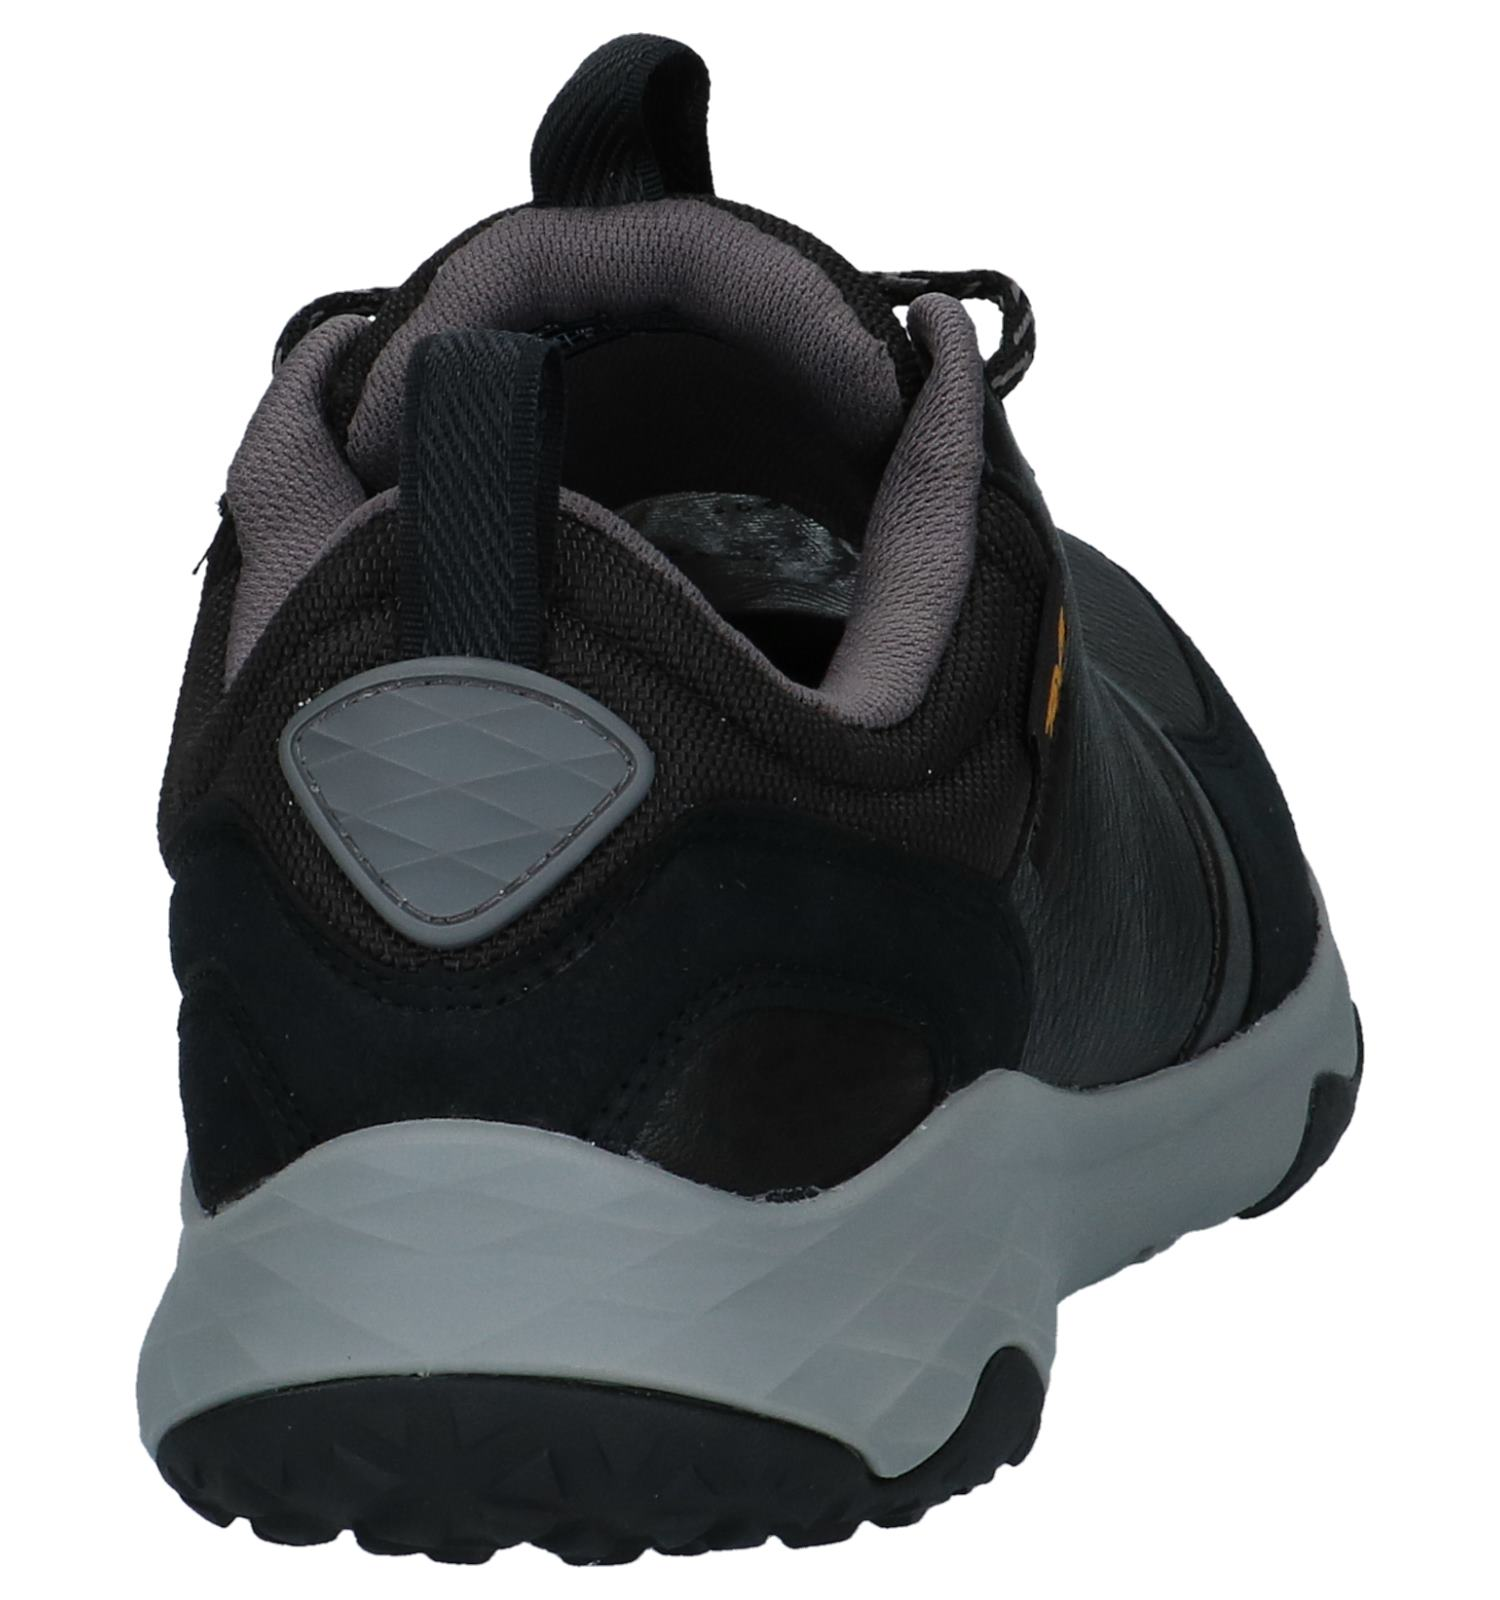 Livraison be Teva Et Chaussures Torfs Gratuits noir Basses Retour qxnw1nTU6